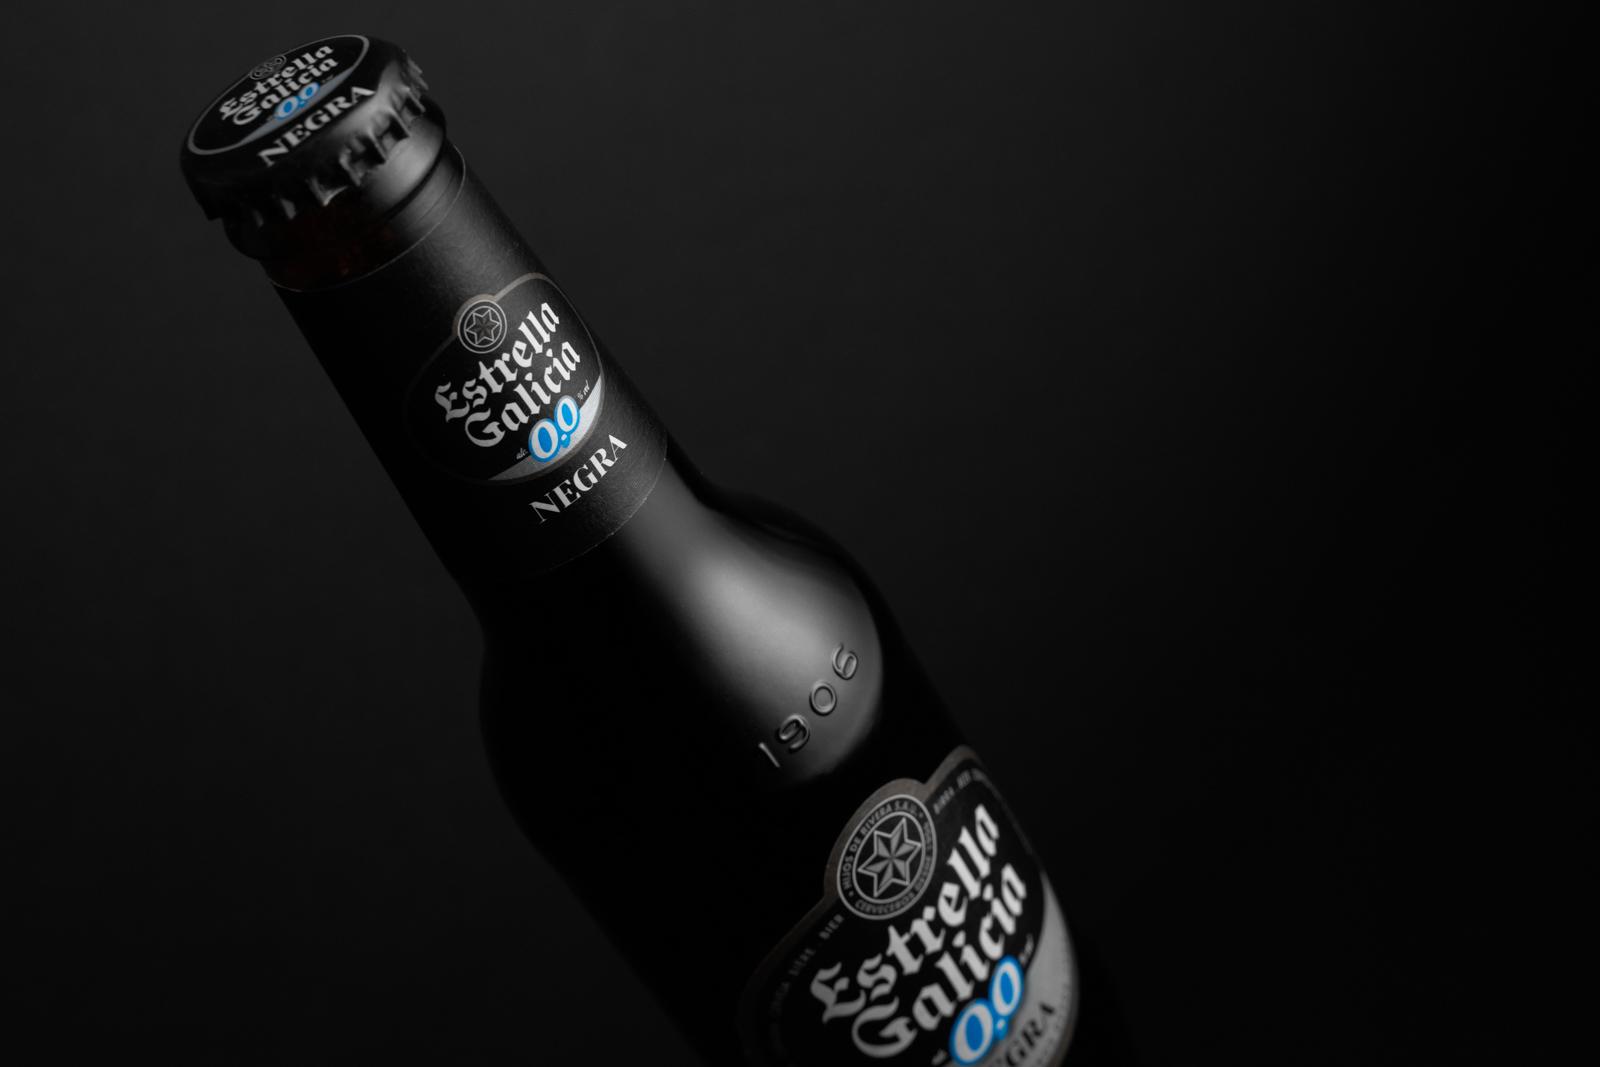 fotografía publicitaria de cervezas